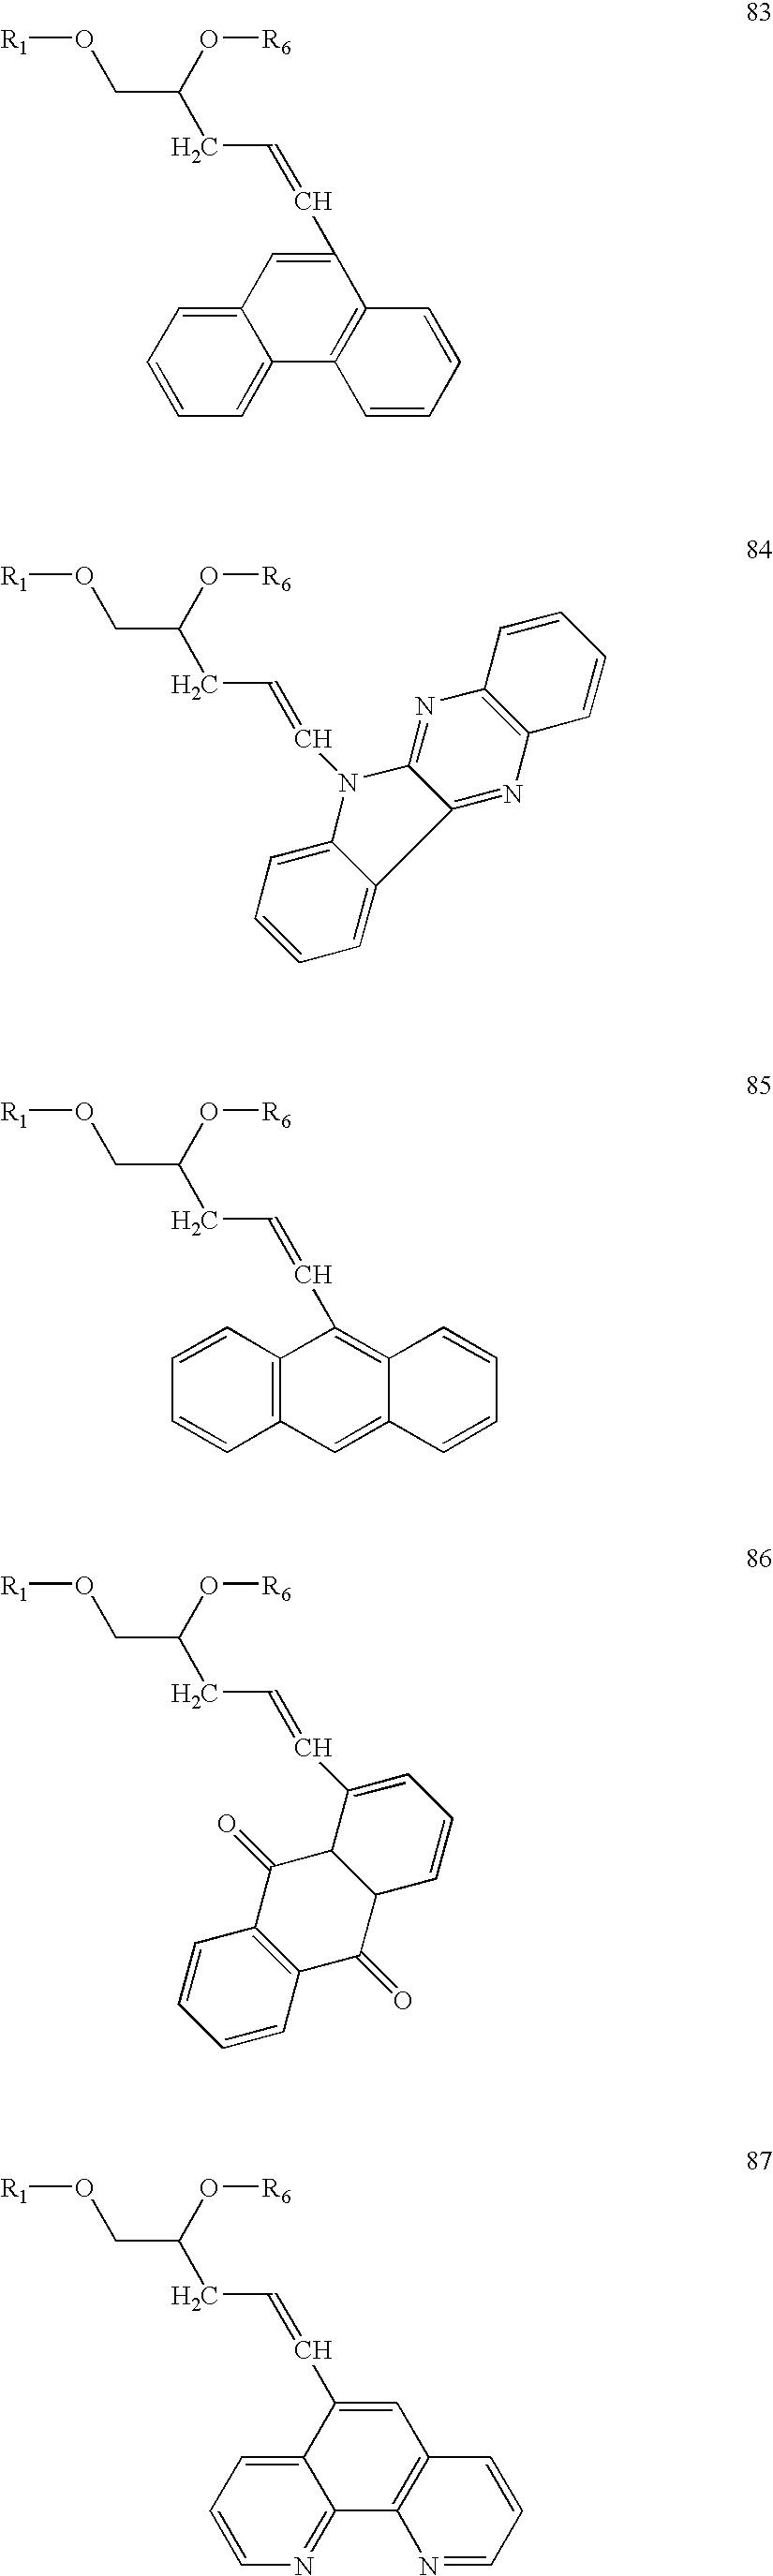 Figure US20060014144A1-20060119-C00105